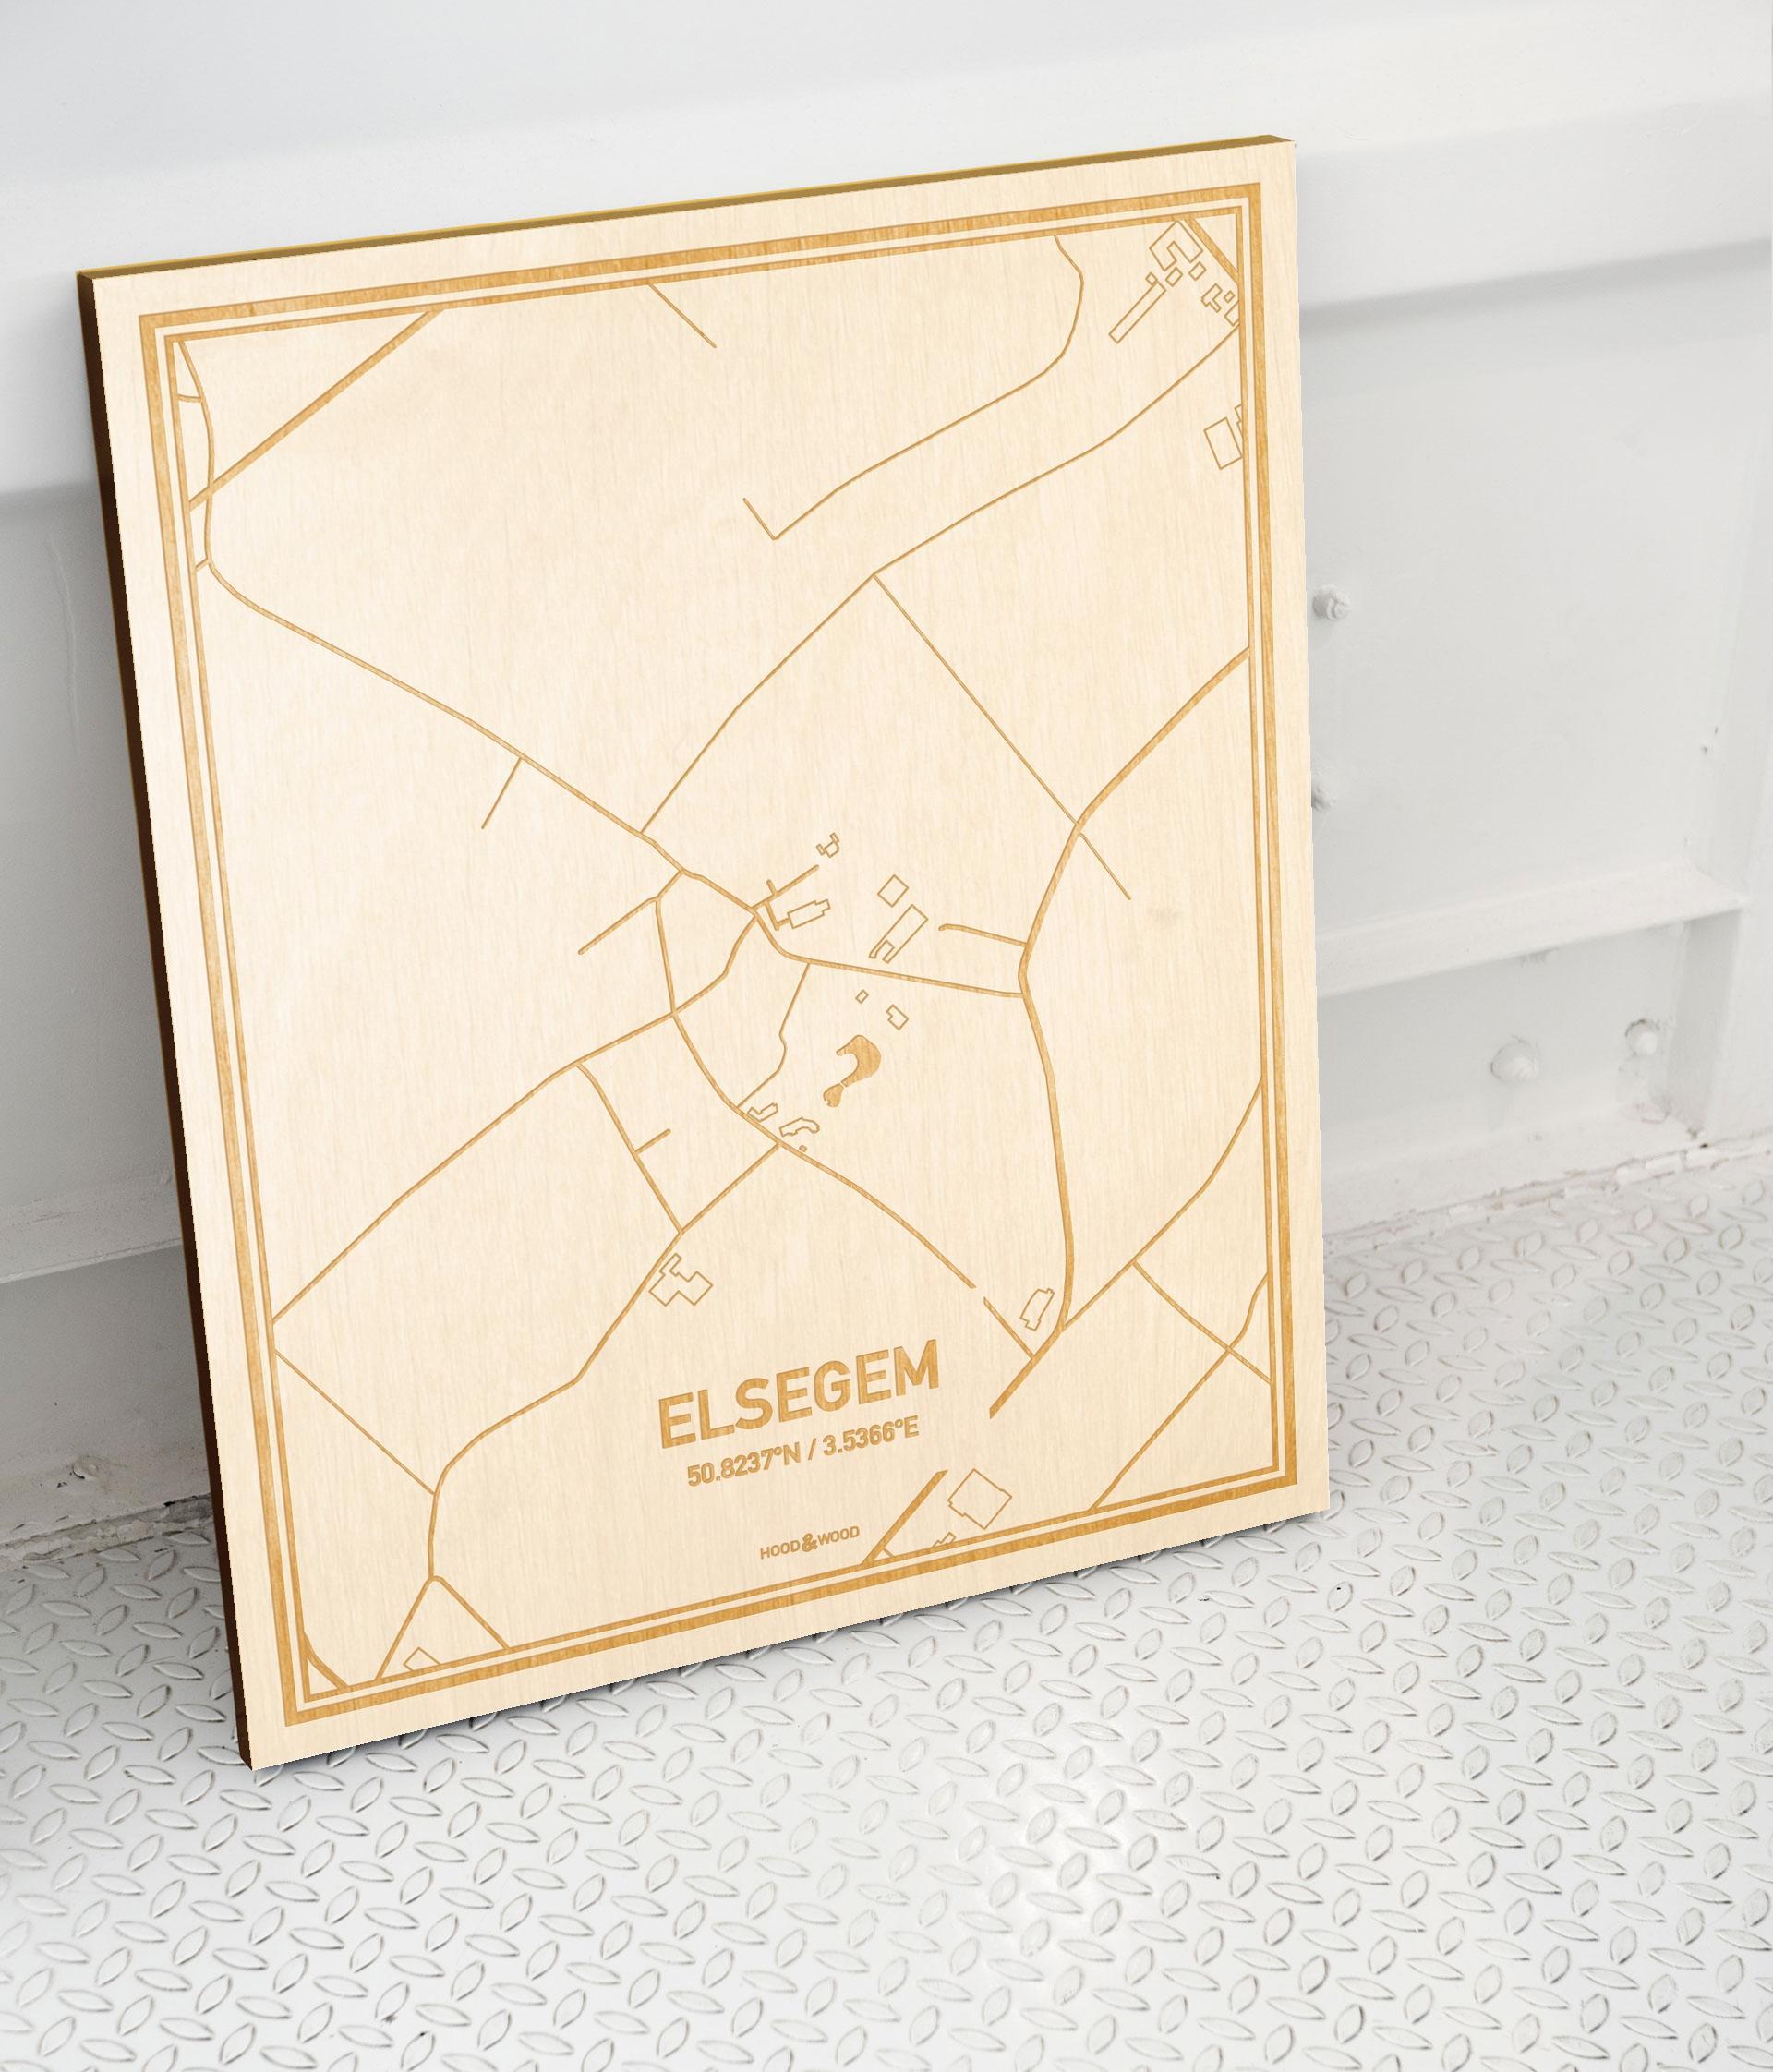 Plattegrond Elsegem als prachtige houten wanddecoratie. Het warme hout contrasteert mooi met de witte muur.